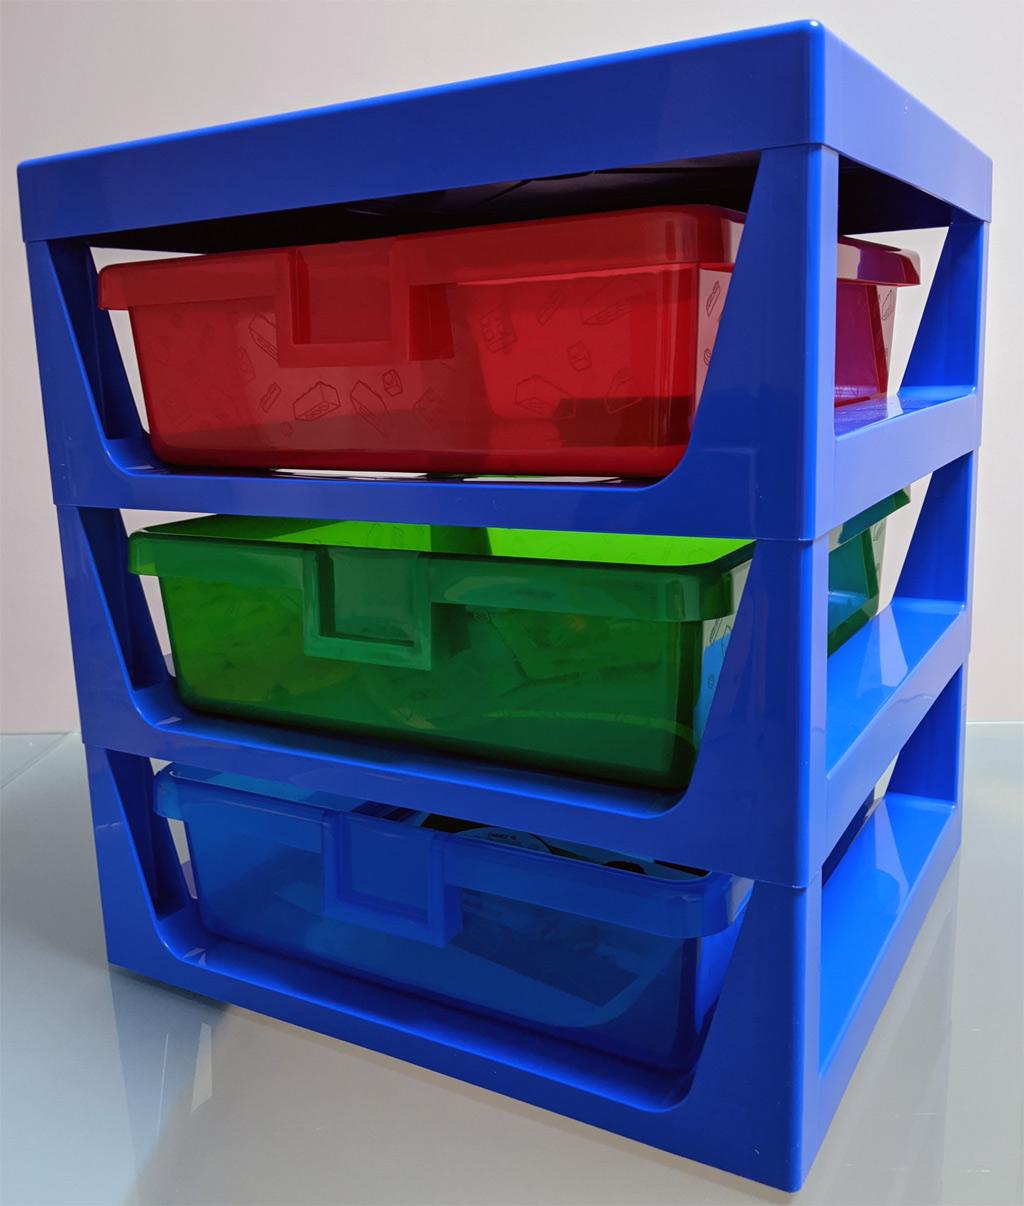 lego-40950001-aufbewahrungsregal-mit-3-schubladen-unboxing-zusammengebaut-andres-lehmann zusammengebaut.com